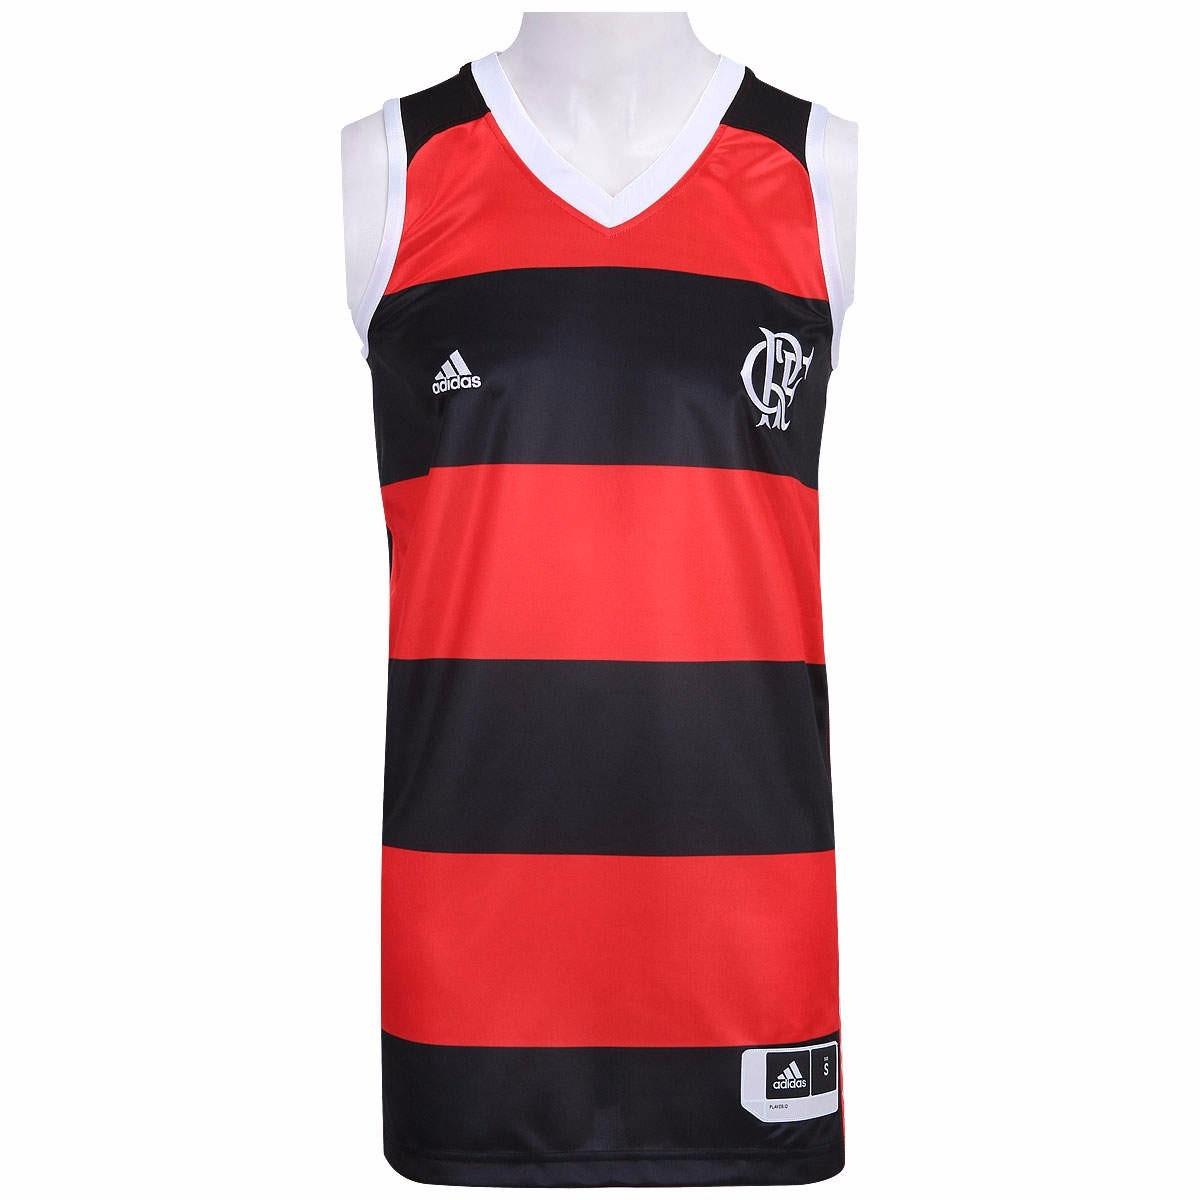 fdba94f11 camiseta regata adidas flamengo basquete 1 vermelho e preto. Carregando  zoom.